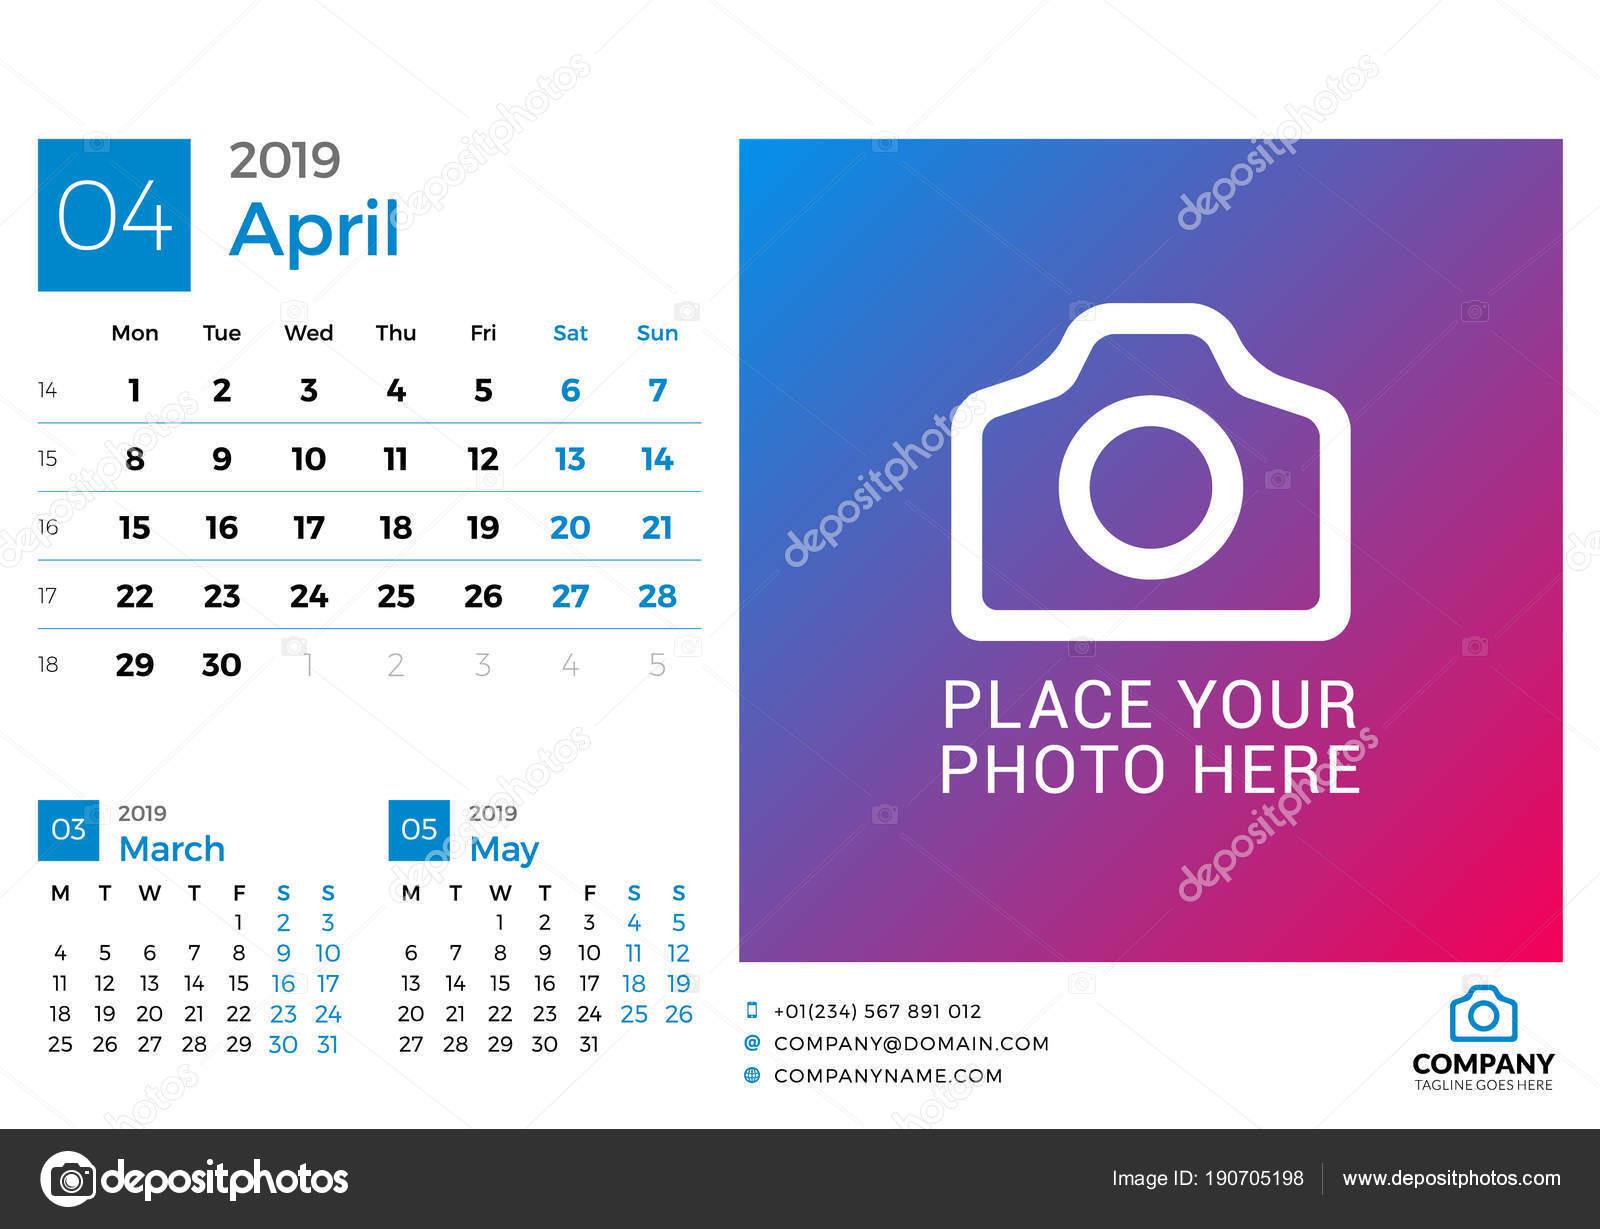 2019 年 4 月のカレンダーです 写真や会社のロゴのための場所を持つ